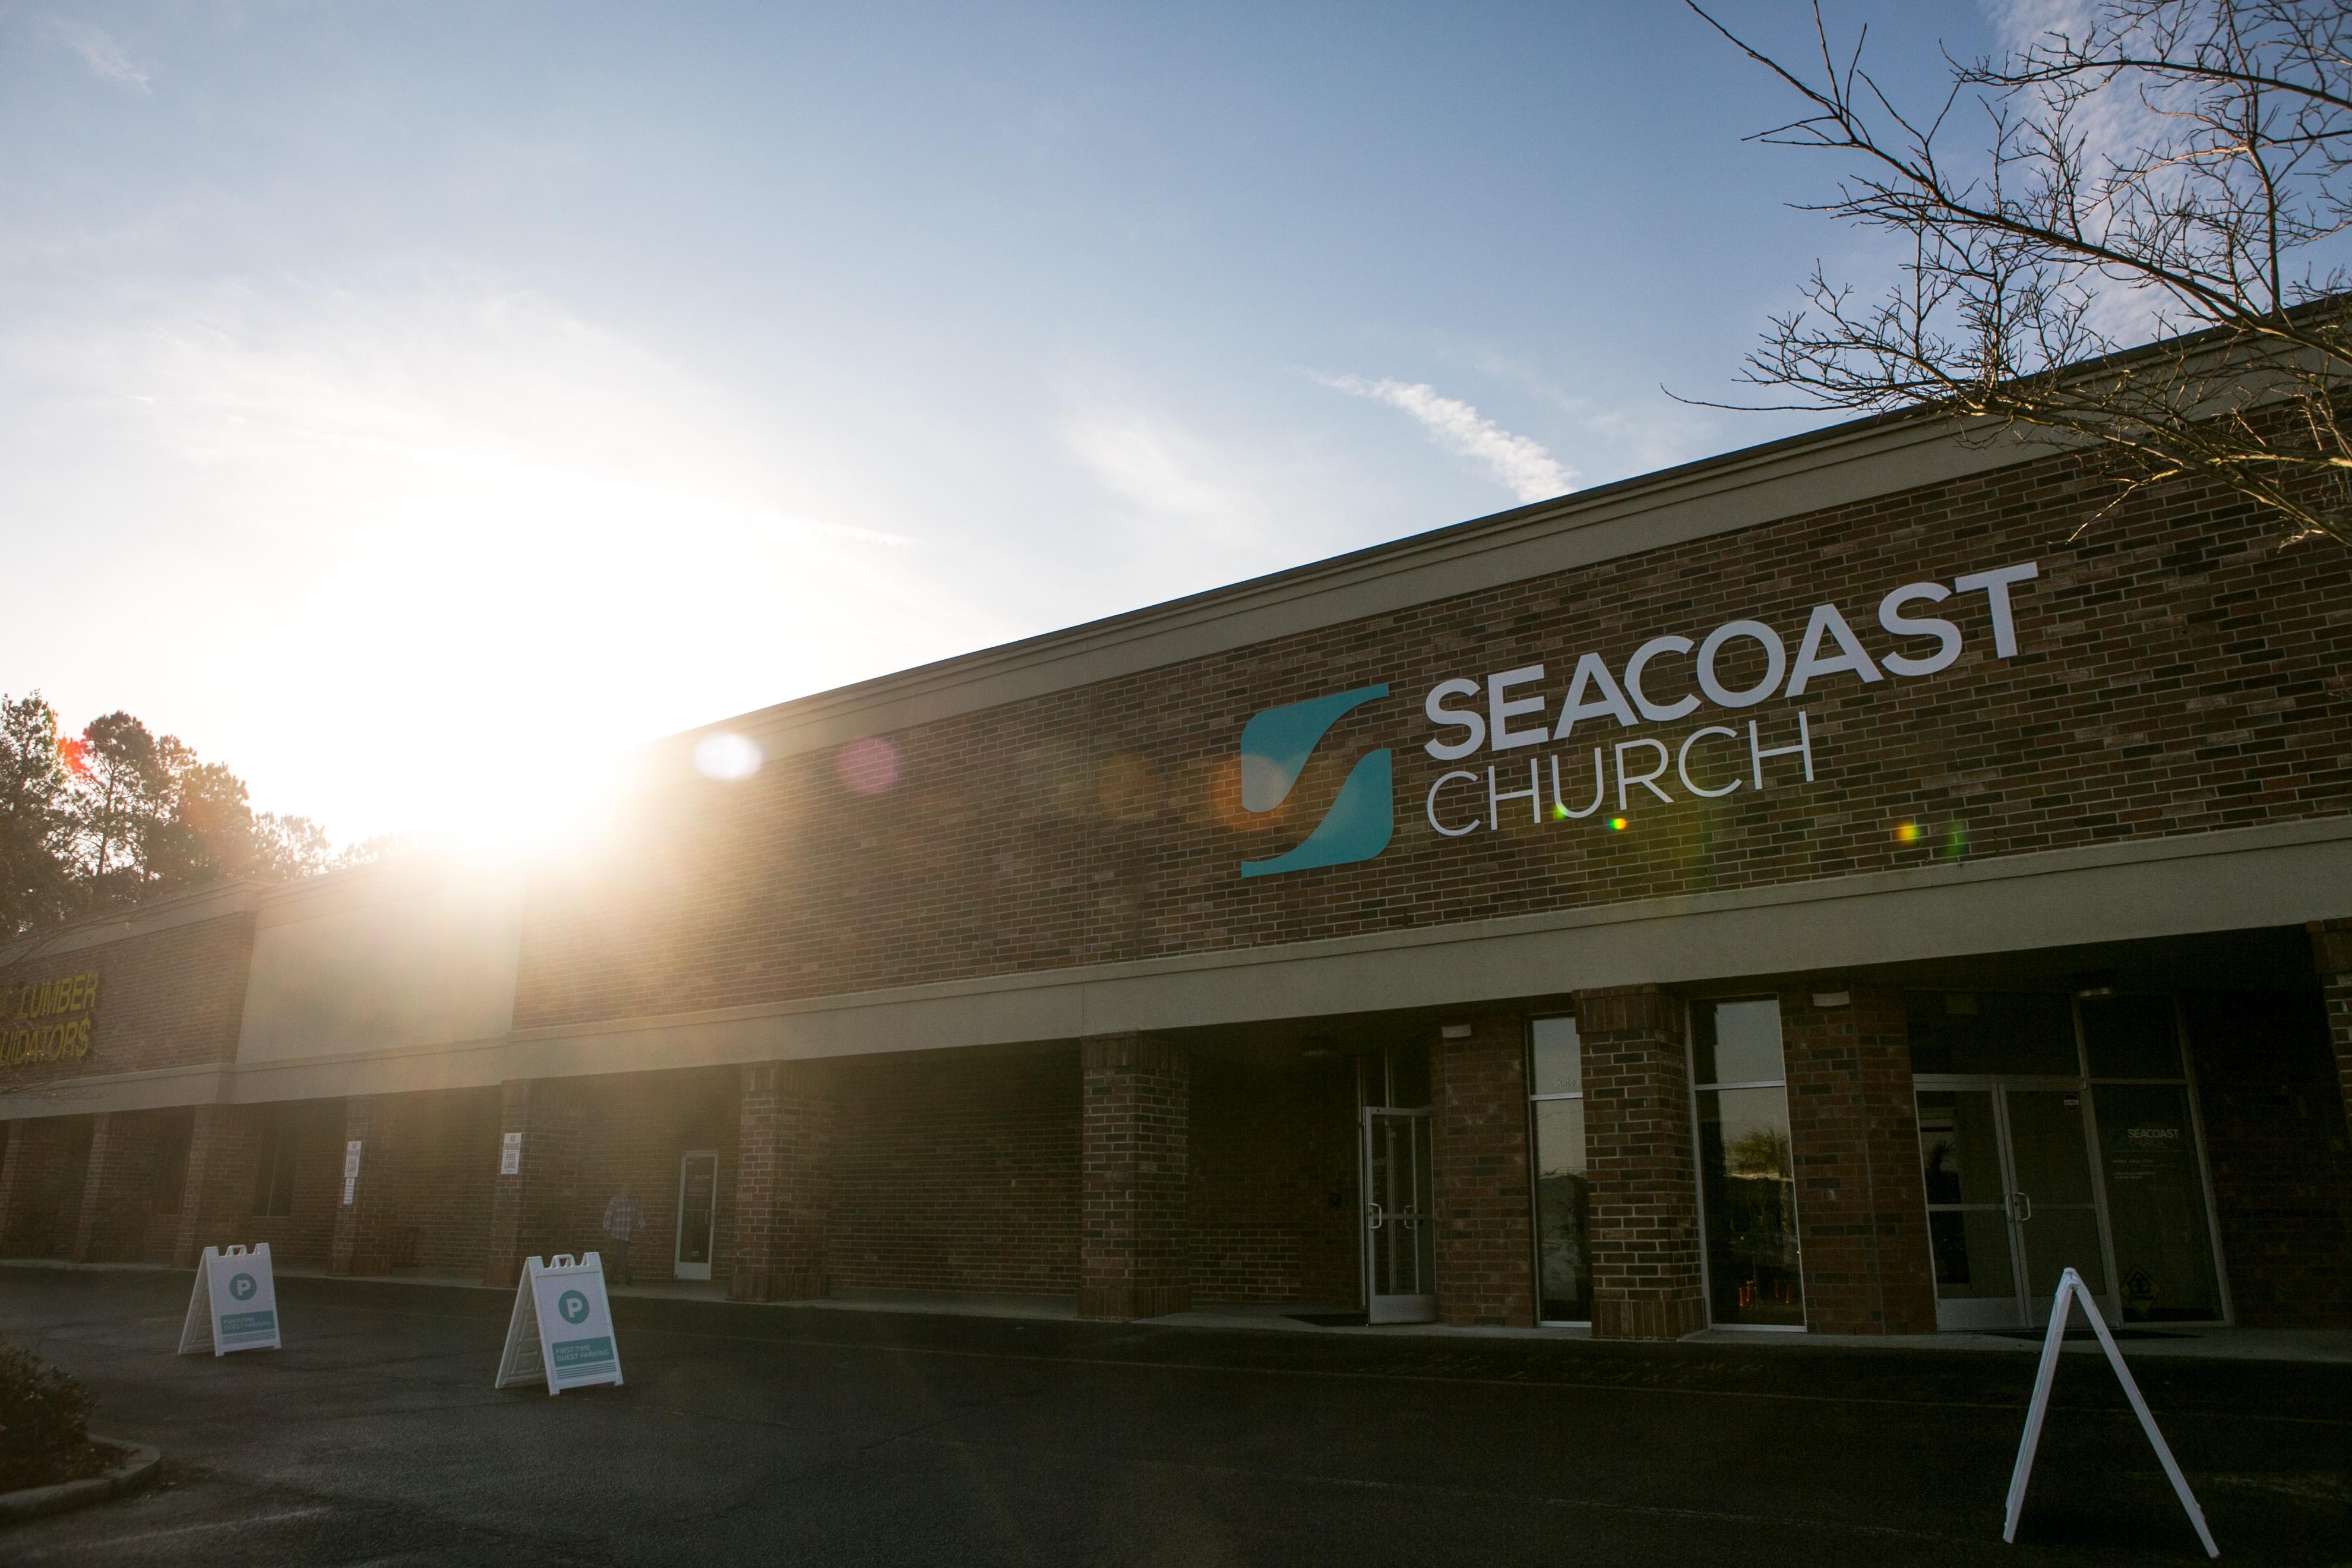 Seacoast Church - West Ashley